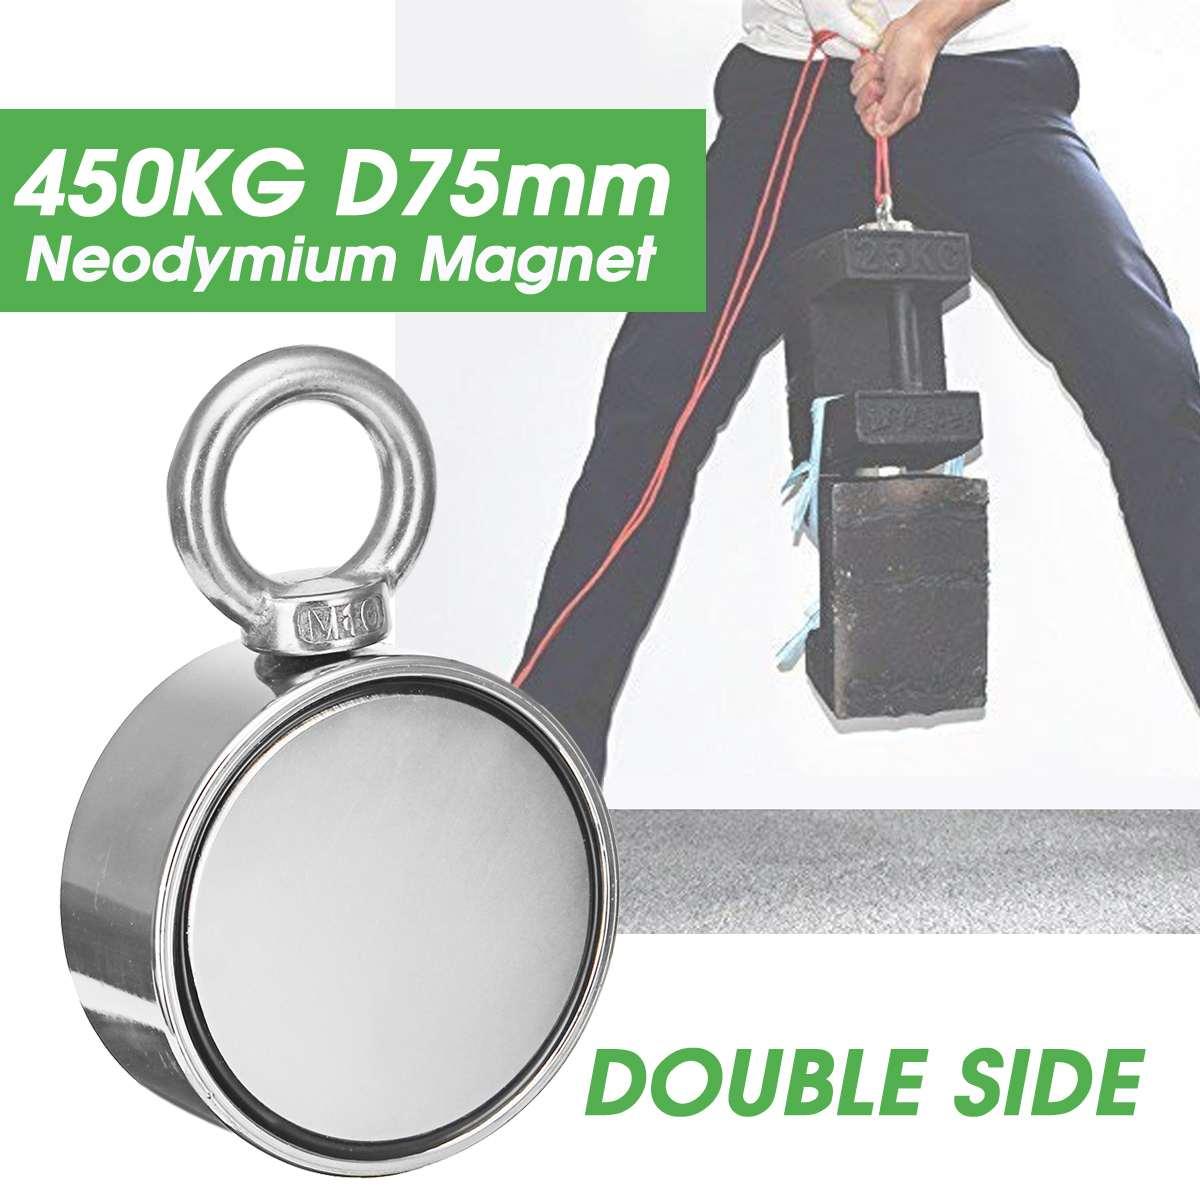 Aimant de récupération de récupération de pêche de néodyme du Double côté 450 kg D75mm pour détecter le trou magnétique puissant d'anneau de trésor en métal